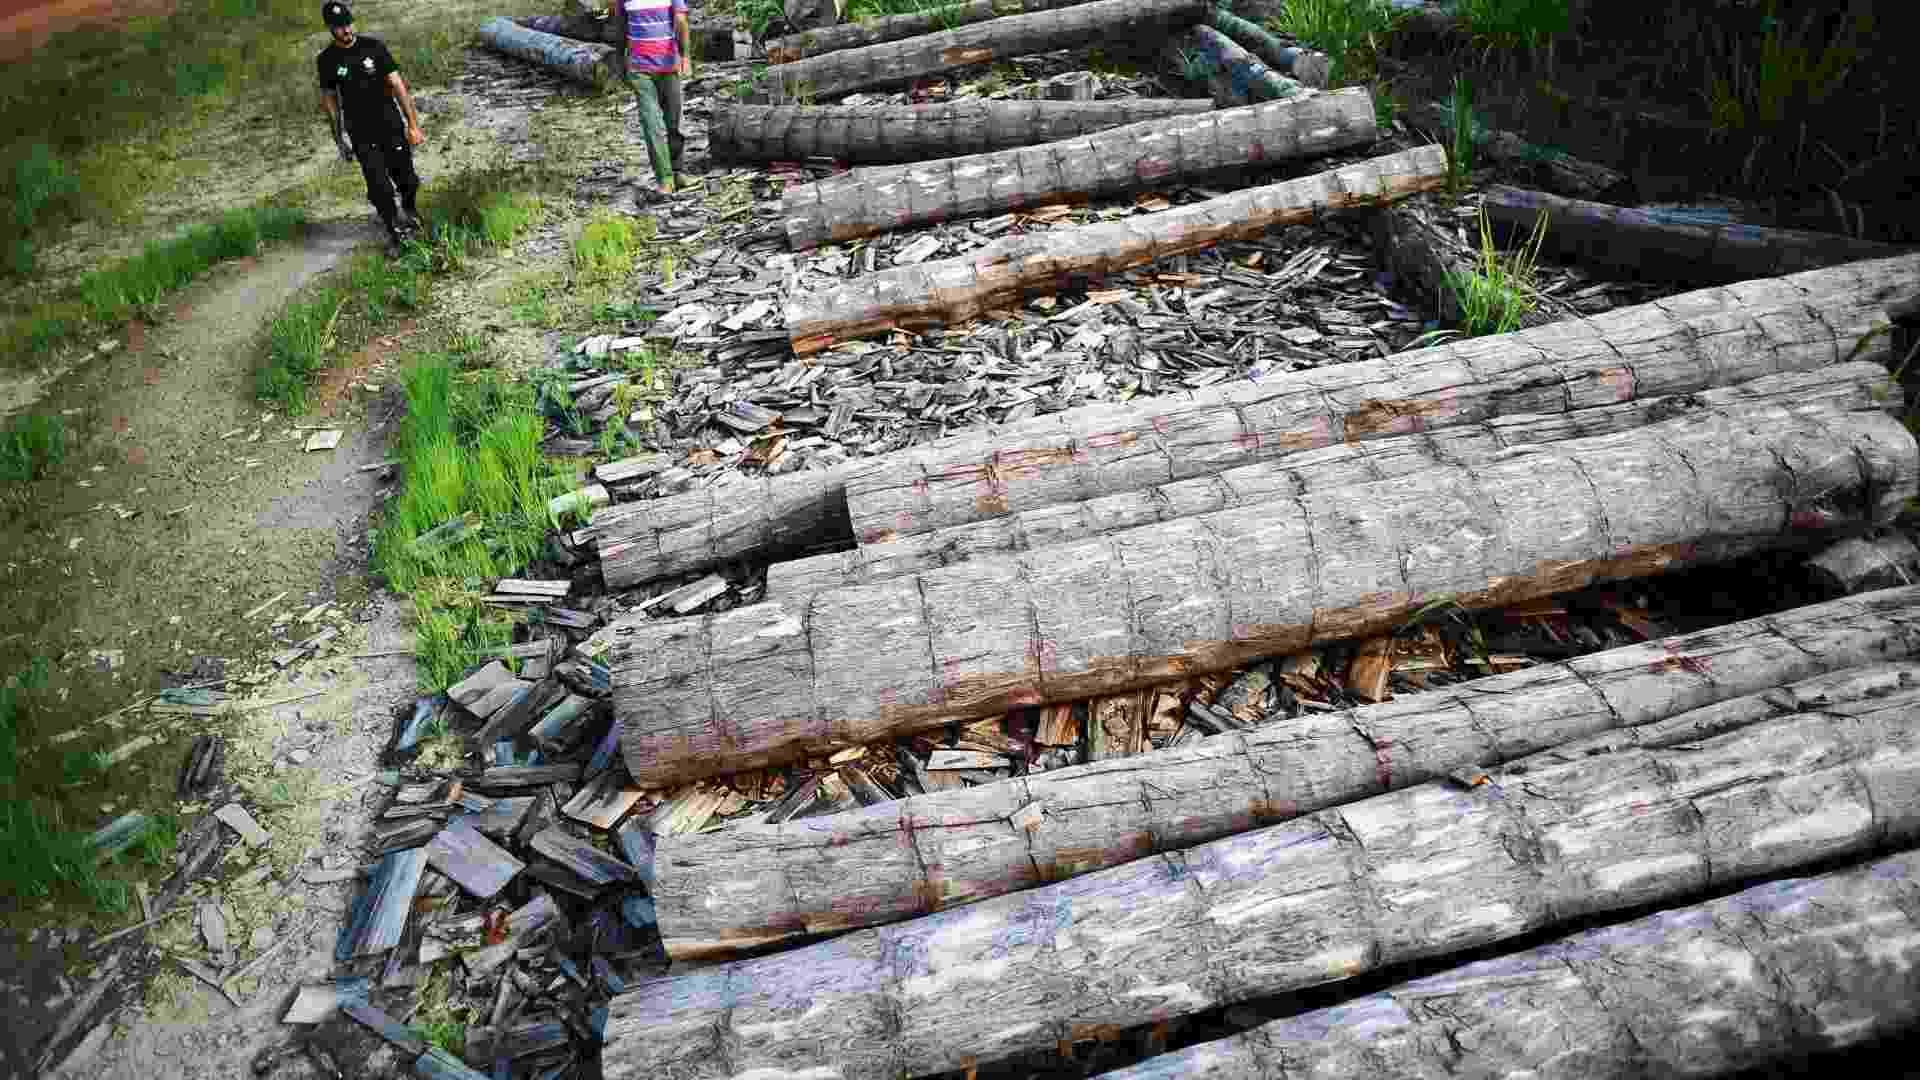 04.set.2012 [ foto de arquivo] - Agente do Incra (Instituto Nacional de Colonização e Reforma Agrária) apreende madeira extraída ilegalmente da Amazônia - Lunae Parracho/Files/Reuters/02.jun.2012